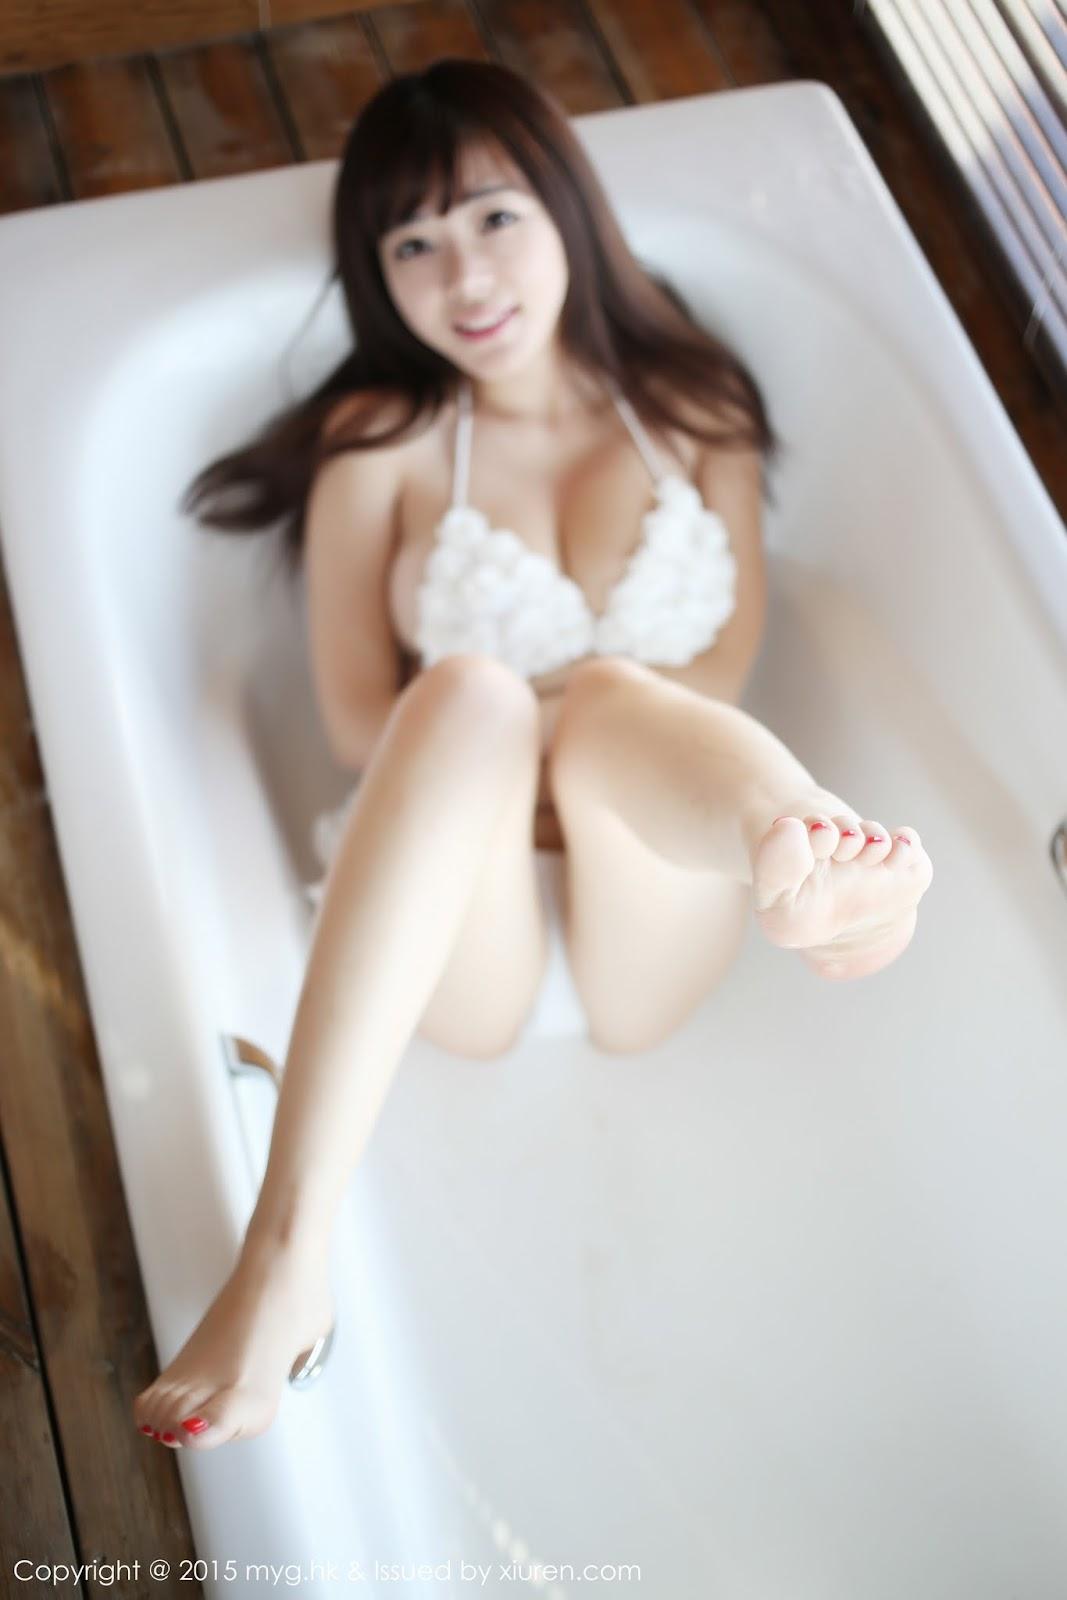 112%2B%252801%2529 - Sexy Nude Girl MYGIRL VOL.112 FAYE